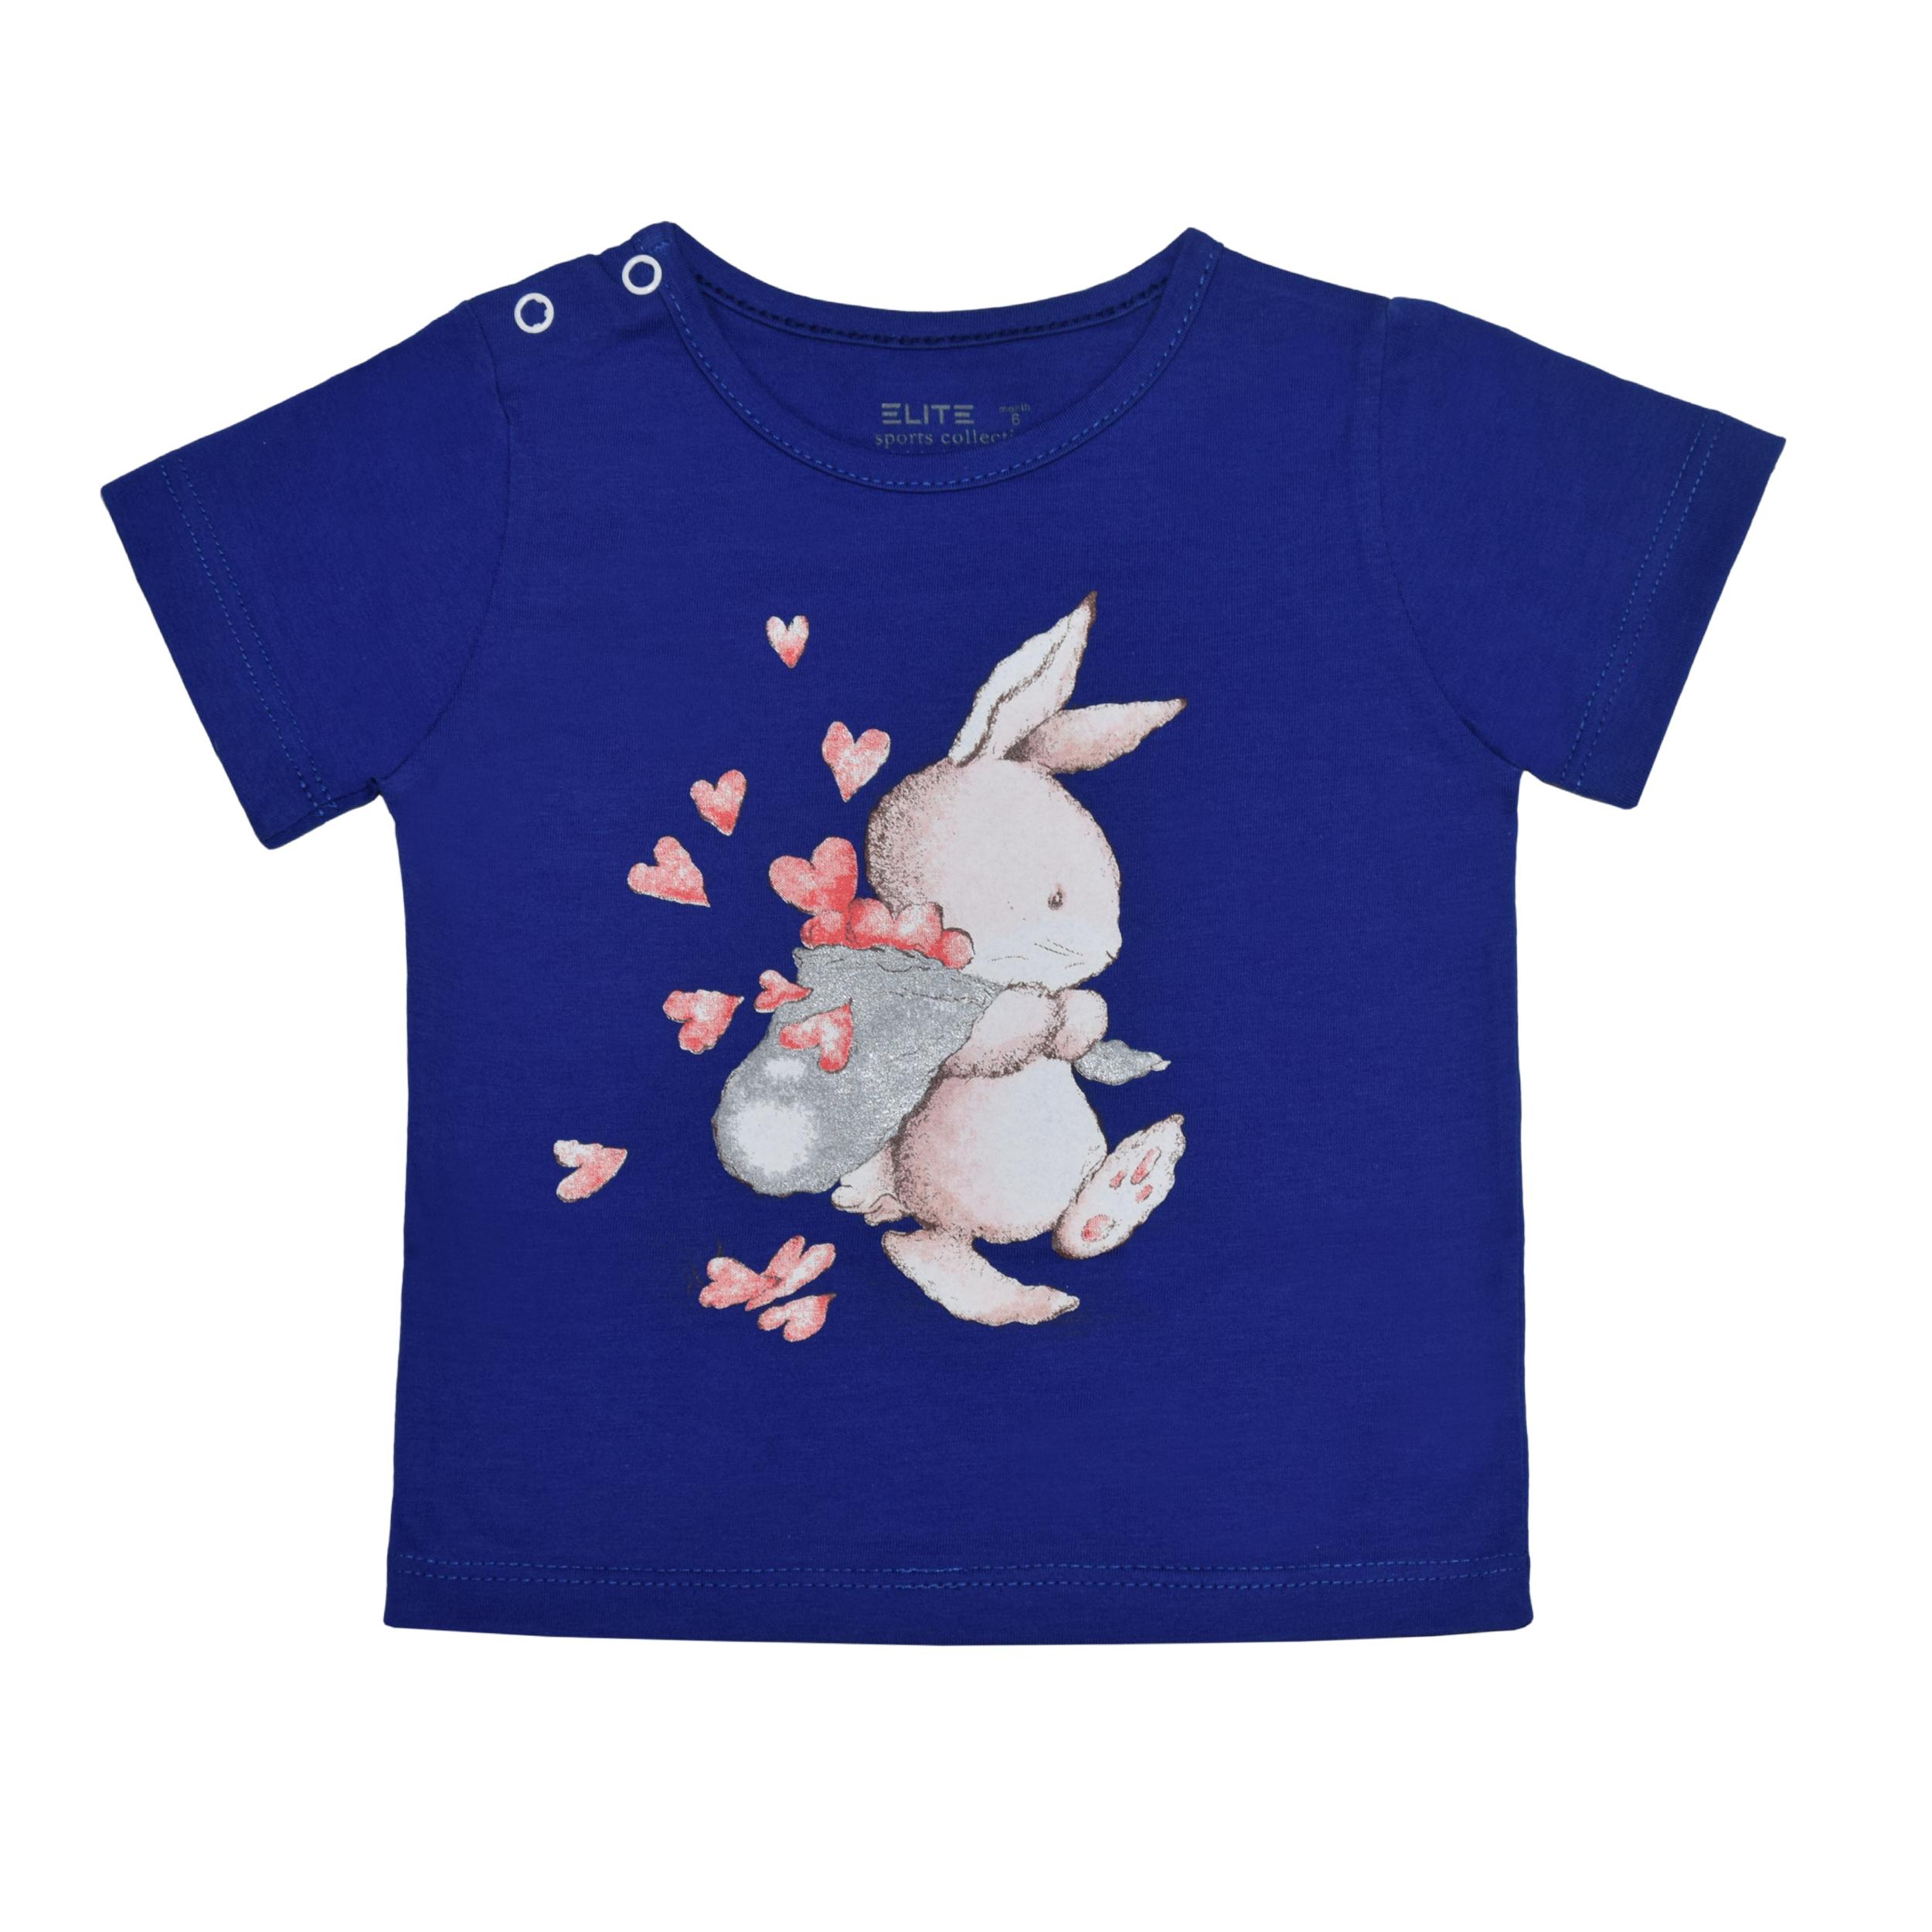 تی شرت دخترانه الیت مدل 3-635